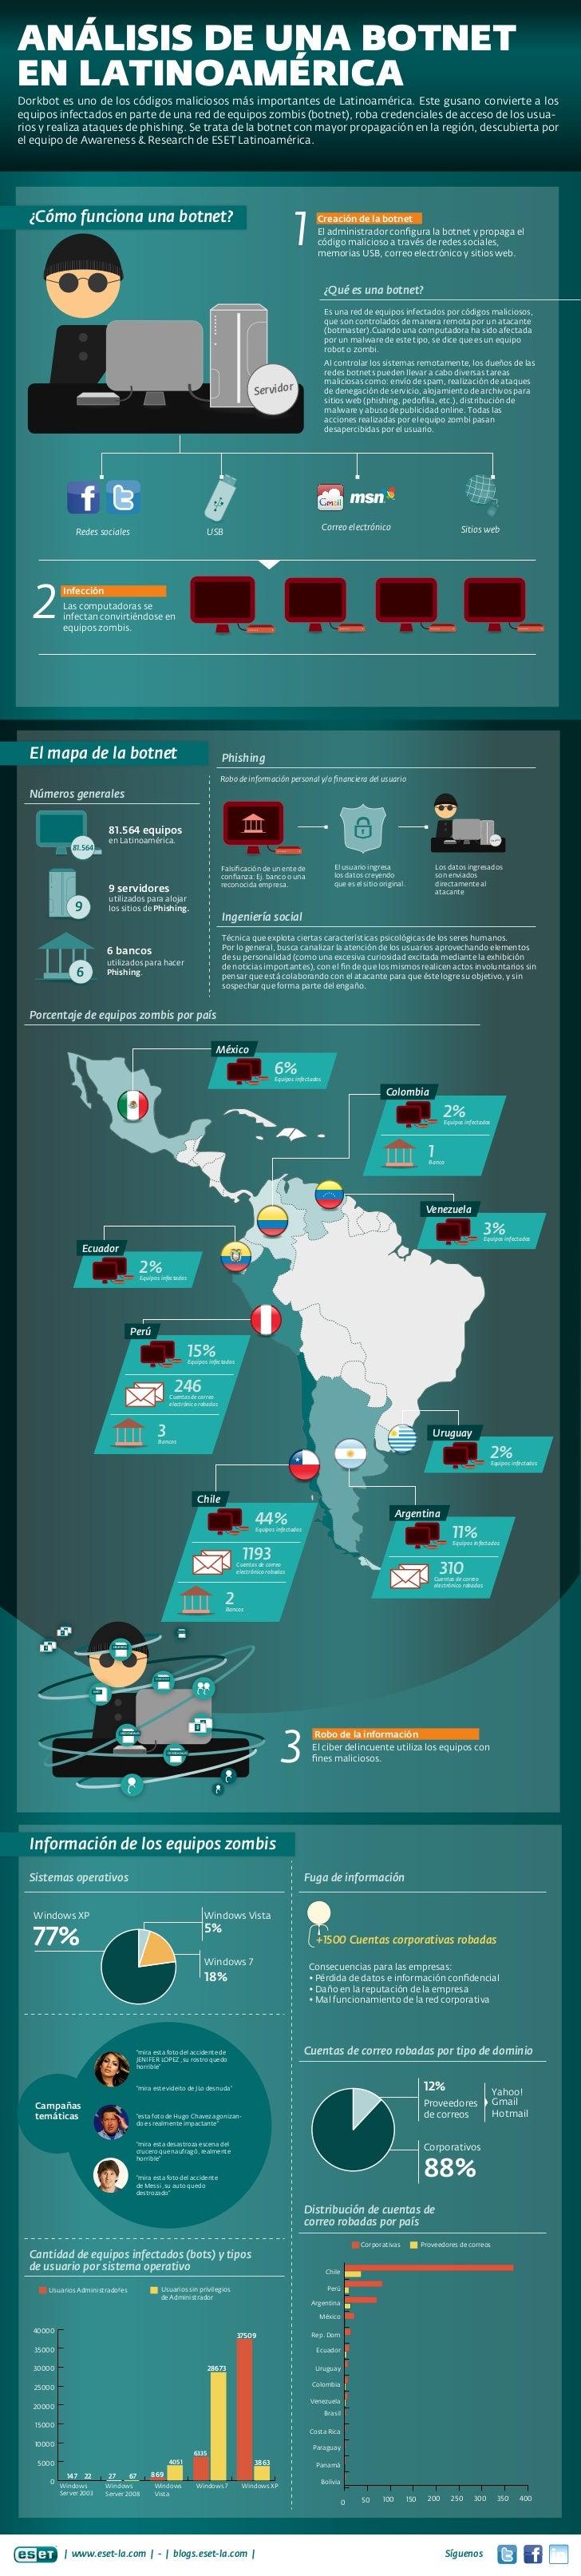 ANÁLISIS DE UNA BOTNETEN LATINOAMÉRICADorkbot es uno de los códigos maliciosos más importantes de Latinoamérica. Este gusa...